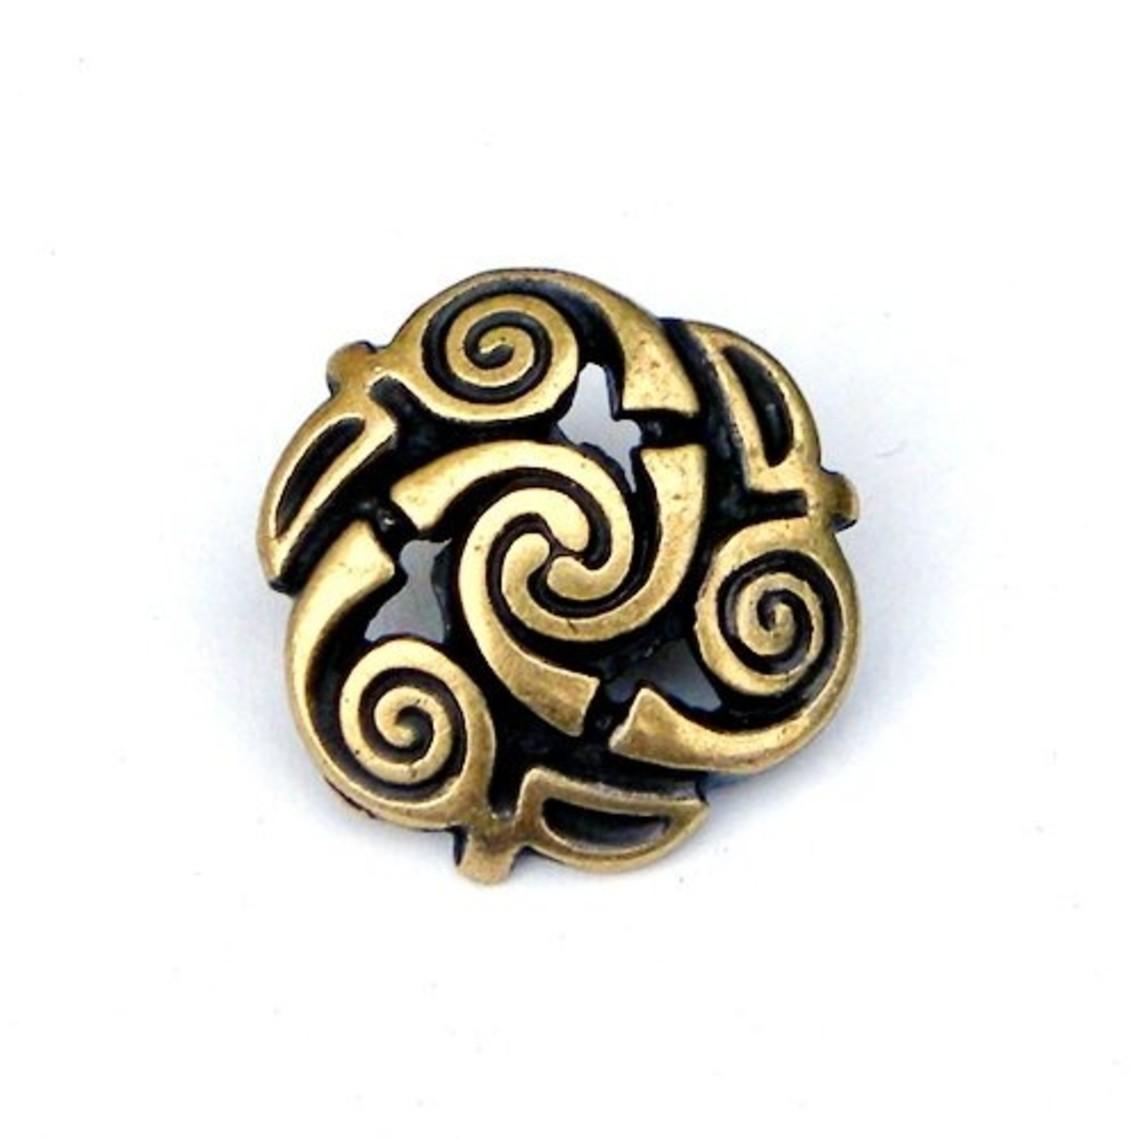 Keltische spiraalvormige knopen, set van vijf stuks, messing